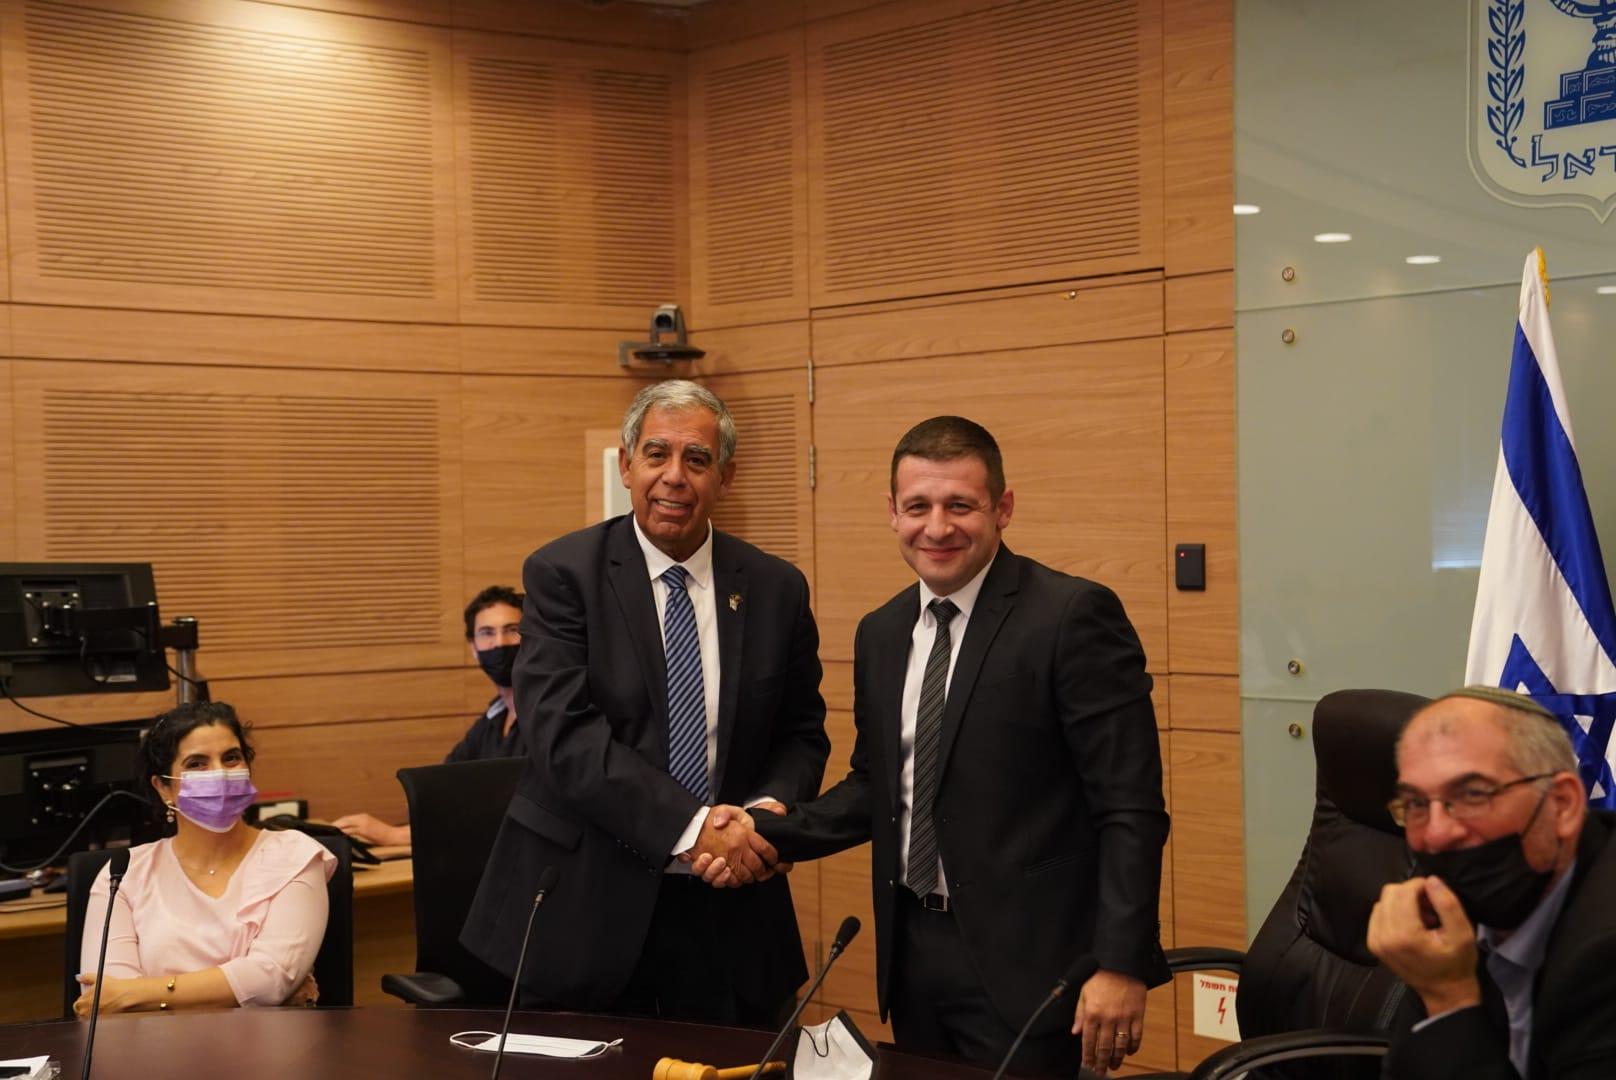 """יו""""ר וועדת הכספים הנבחר, ח""""כ אלכס קושניר: """"זו לא הוועדה שלי זו הוועדה של הציבור, נעשה הכל כדי לדאוג לכל הציבור בישראל"""""""